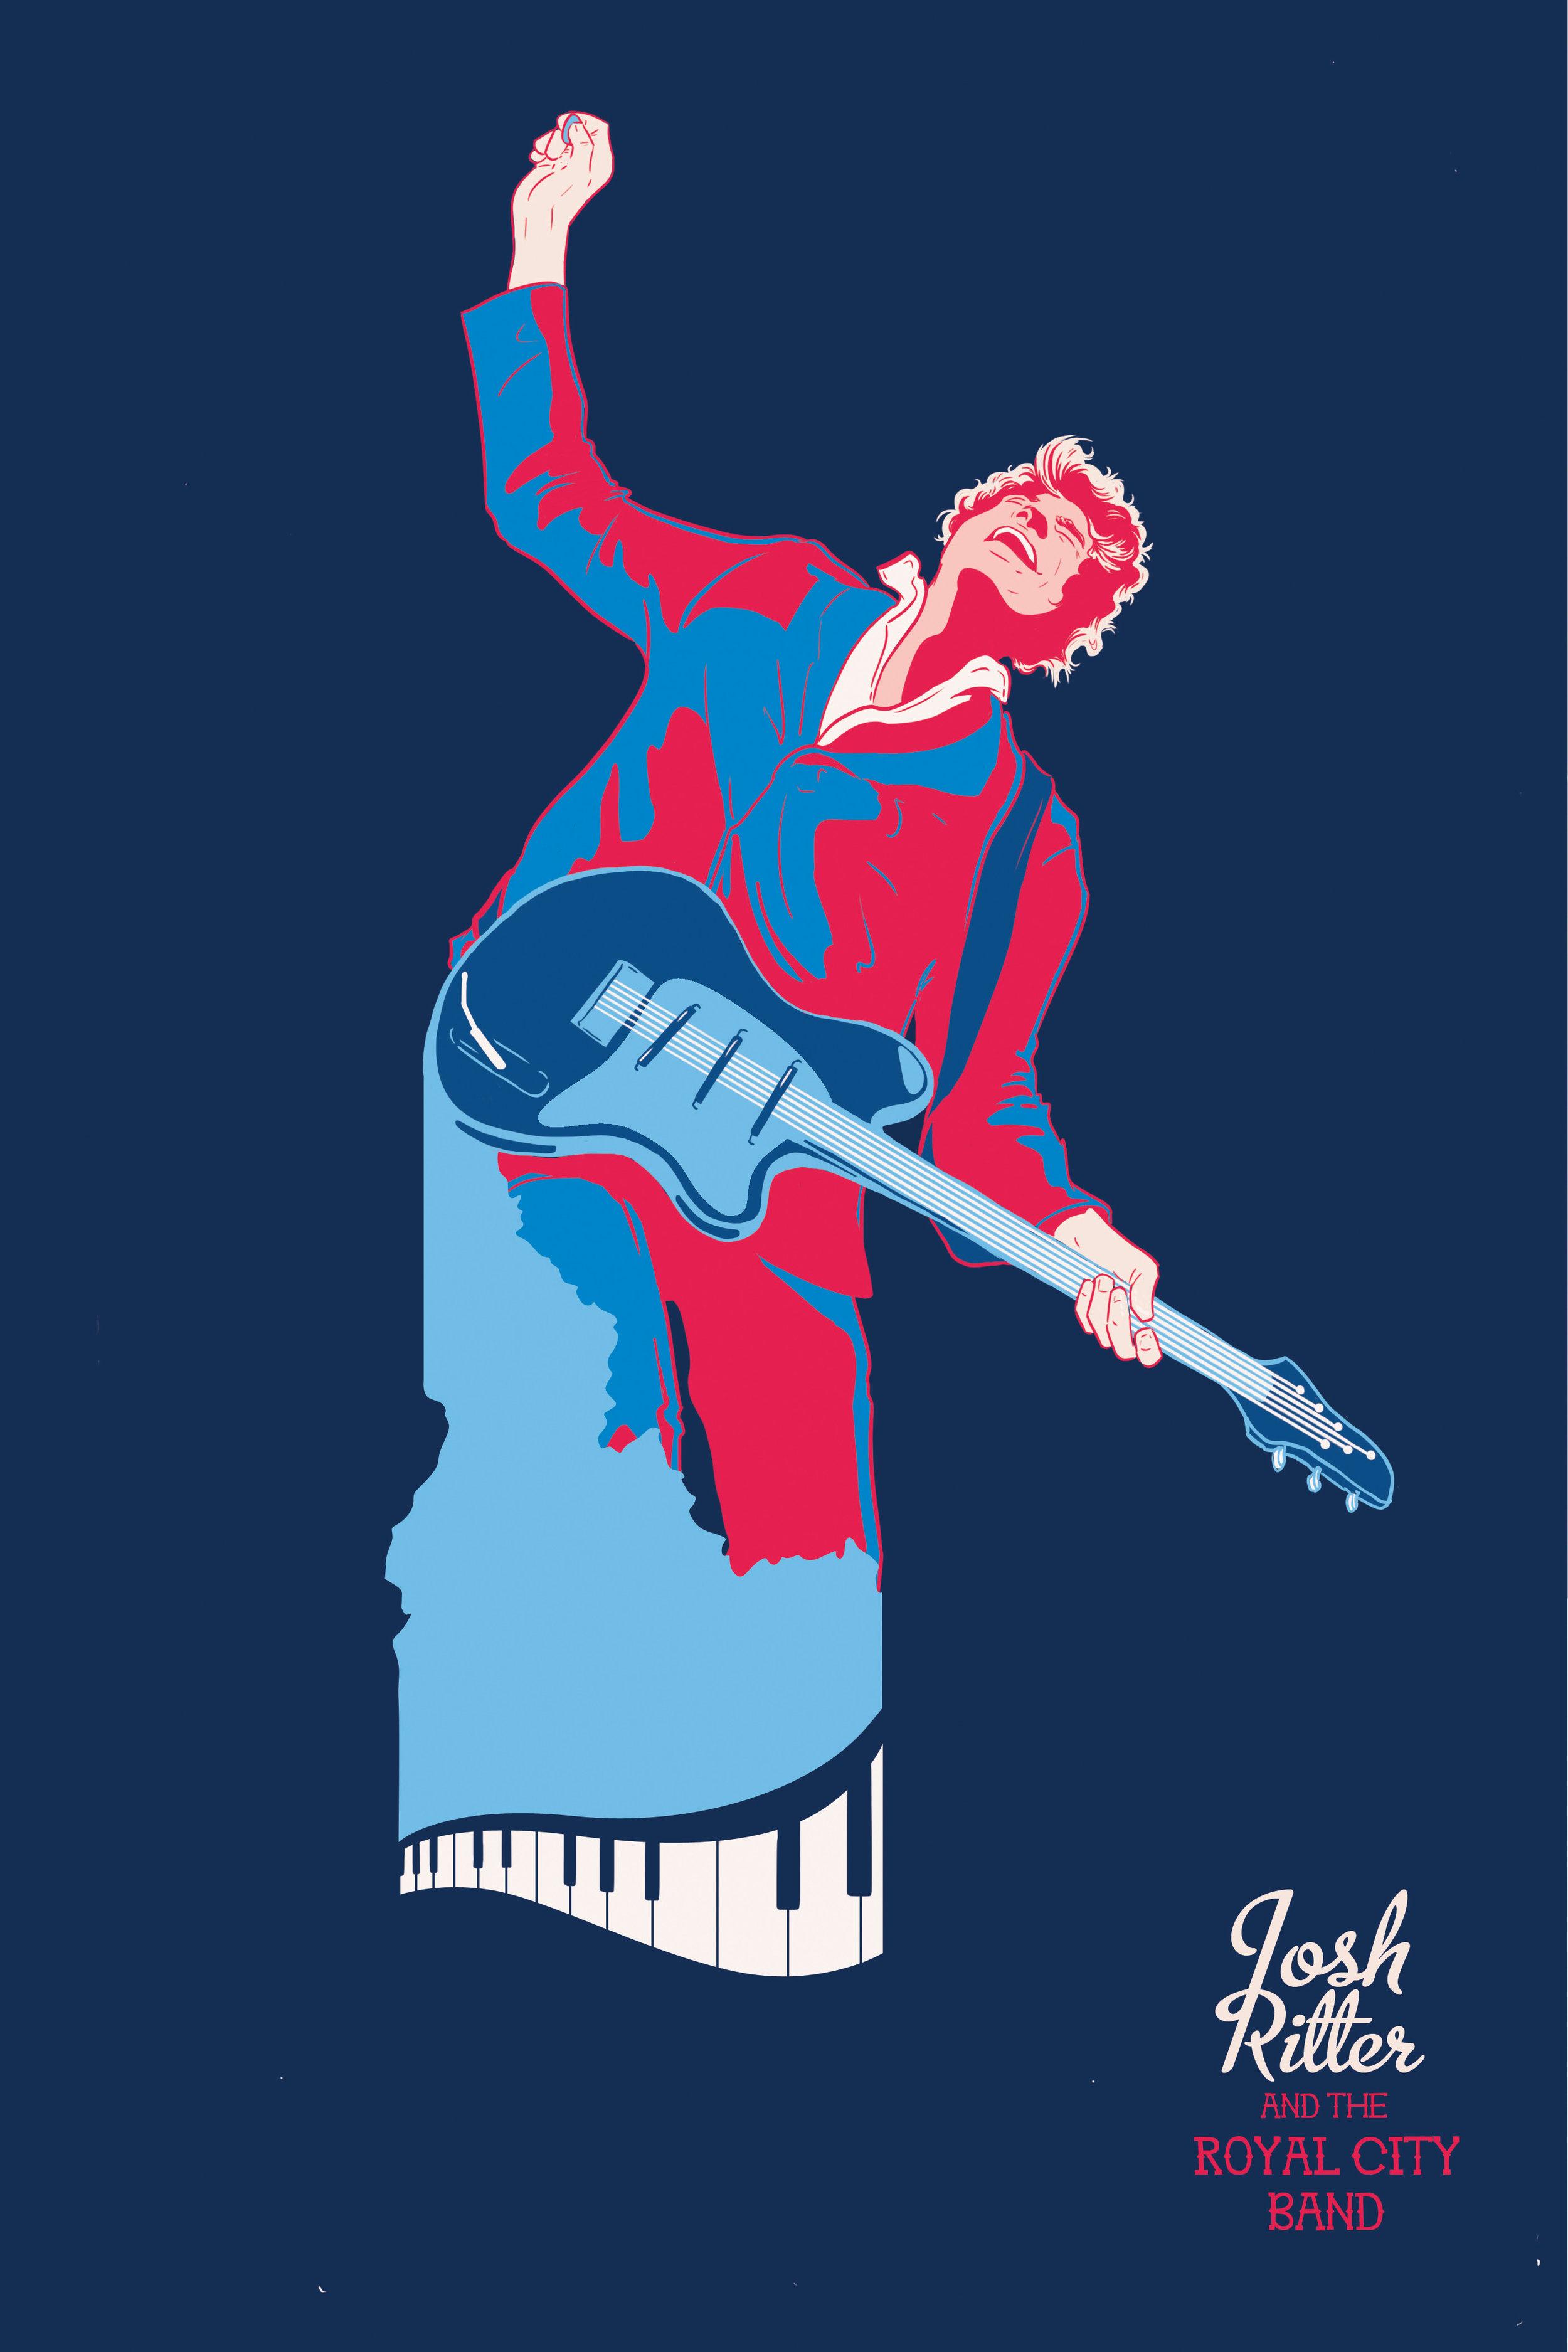 Josh-Ritter-Poster-01.jpg